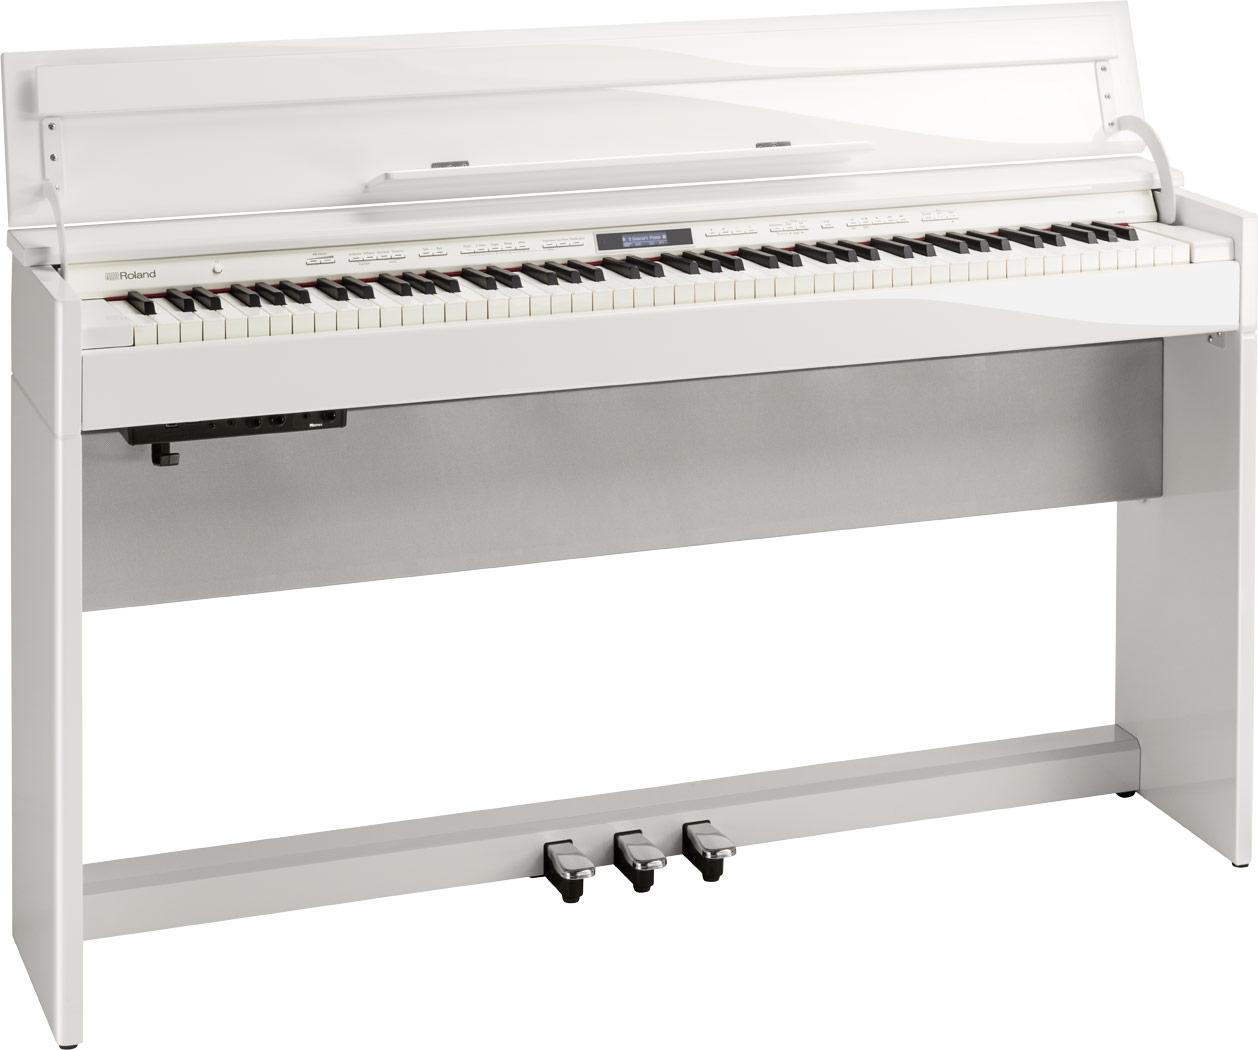 【全国組立設置無料】Roland ローランド / DP603 PWS 白塗鏡面艶出し塗装仕上げ 電子ピアノ (DP-603)(DP603-PWS)【代引き不可】【YRK】【PTNB】